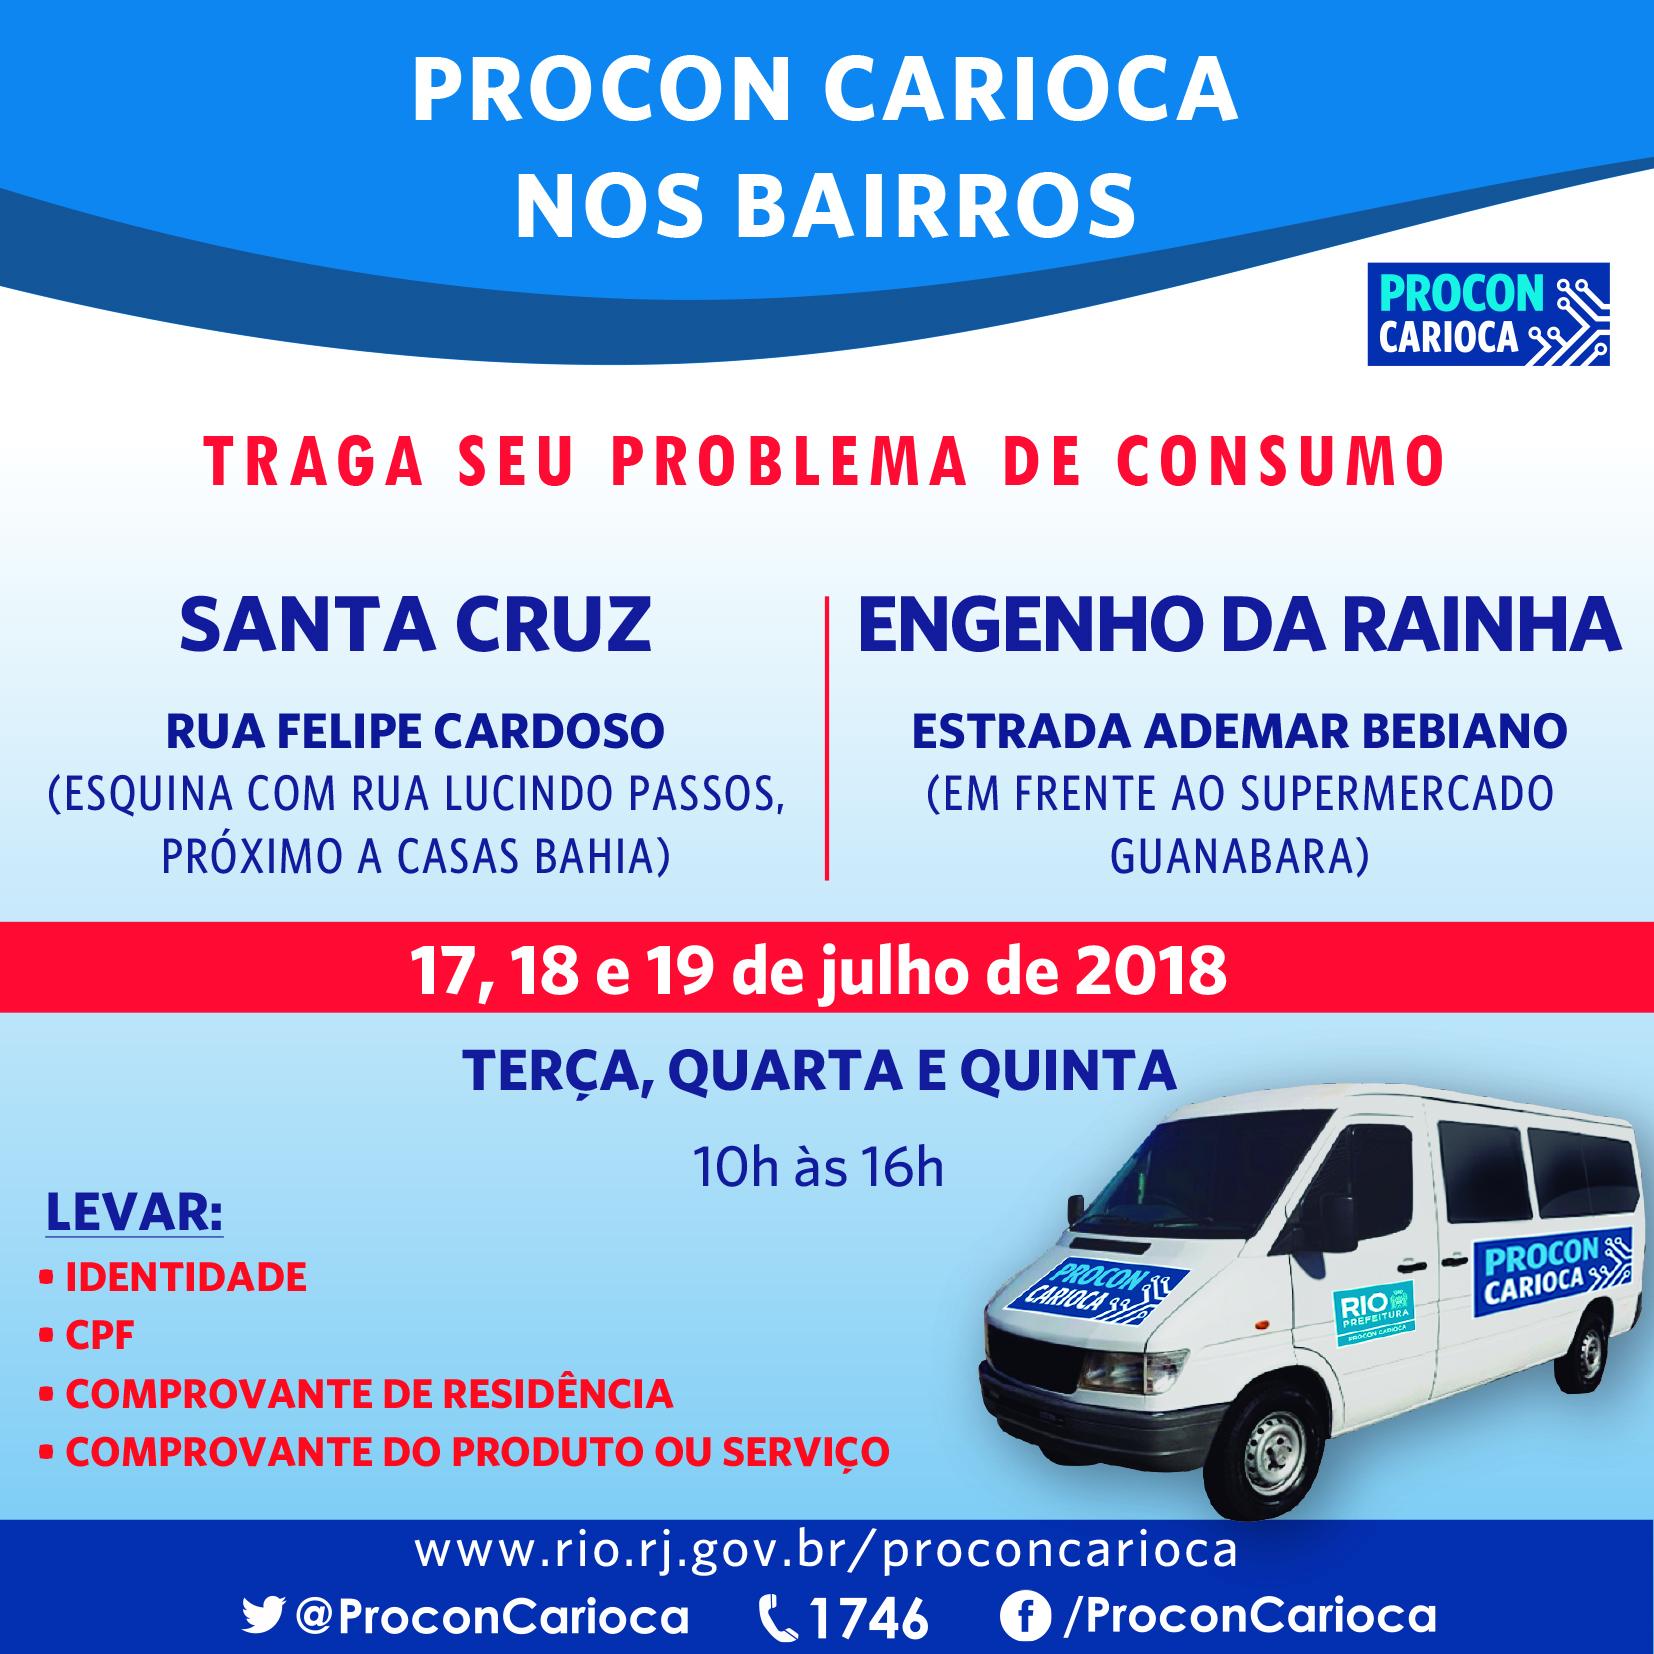 Procon Carioca atende consumidores  em Santa Cruz e no Engenho da Rainha